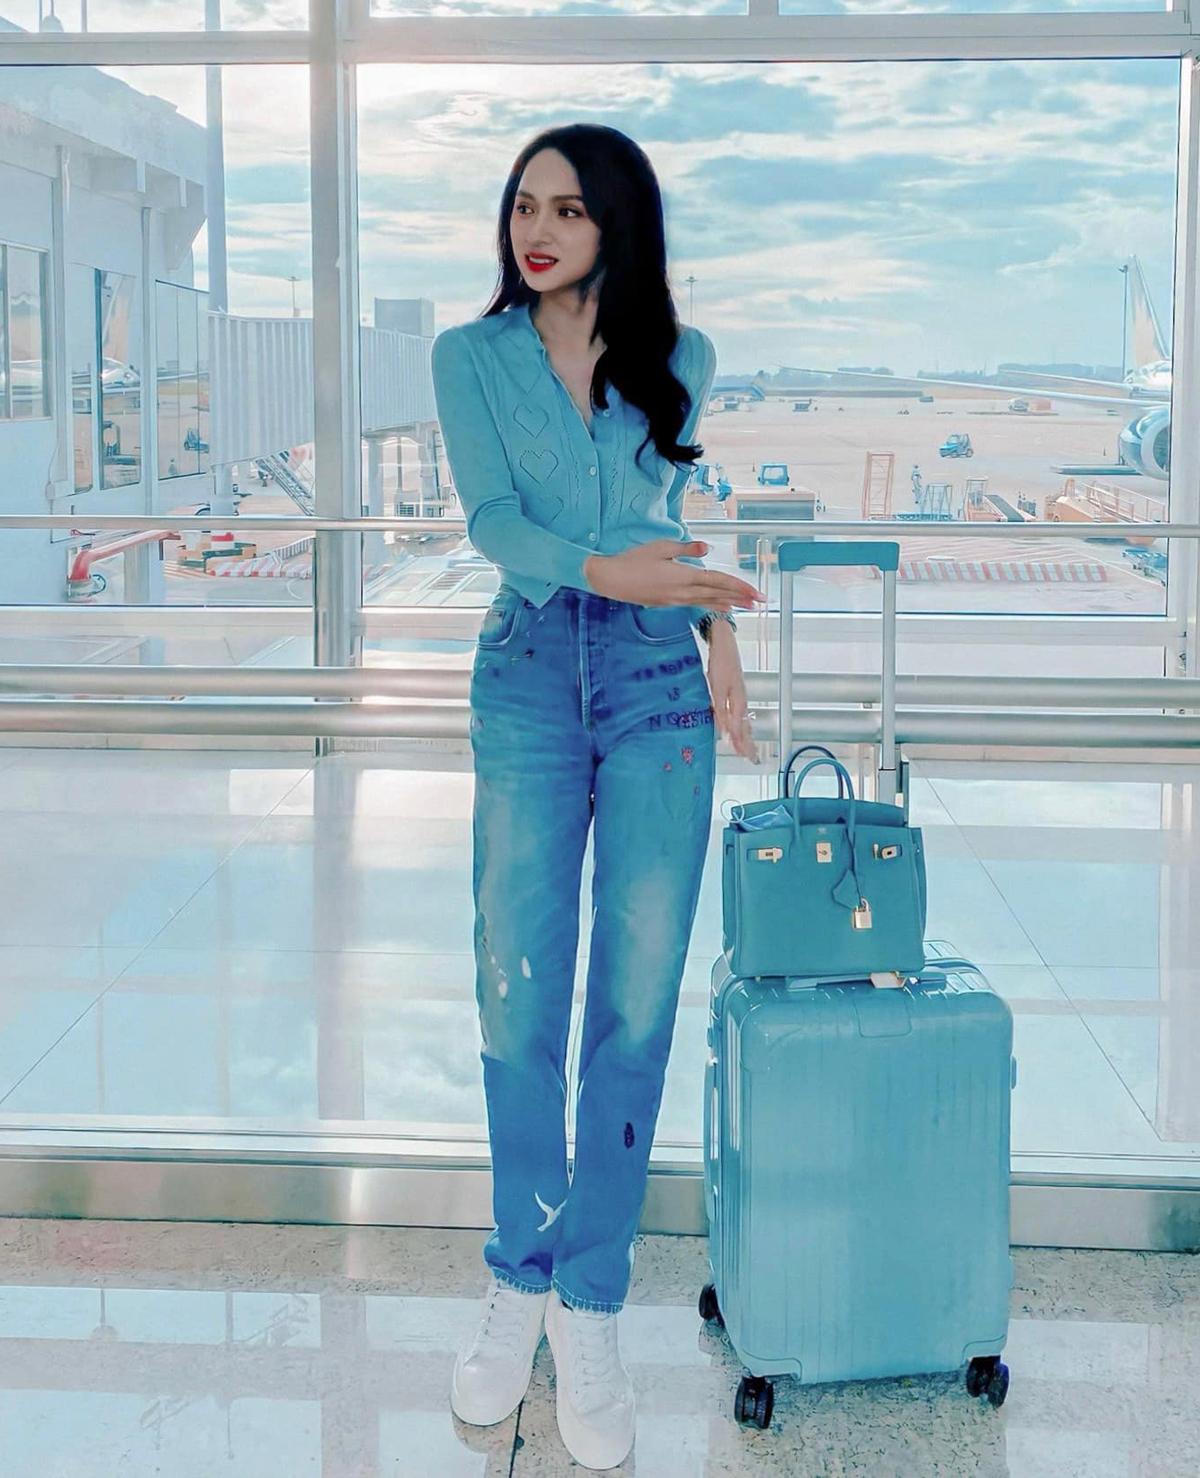 Hương Giang tiết lộ gần đây cô rất thích màu xanh. Ra sân bay, hoa hậu diện cả cây tông xanh pastel cực mát mắt.